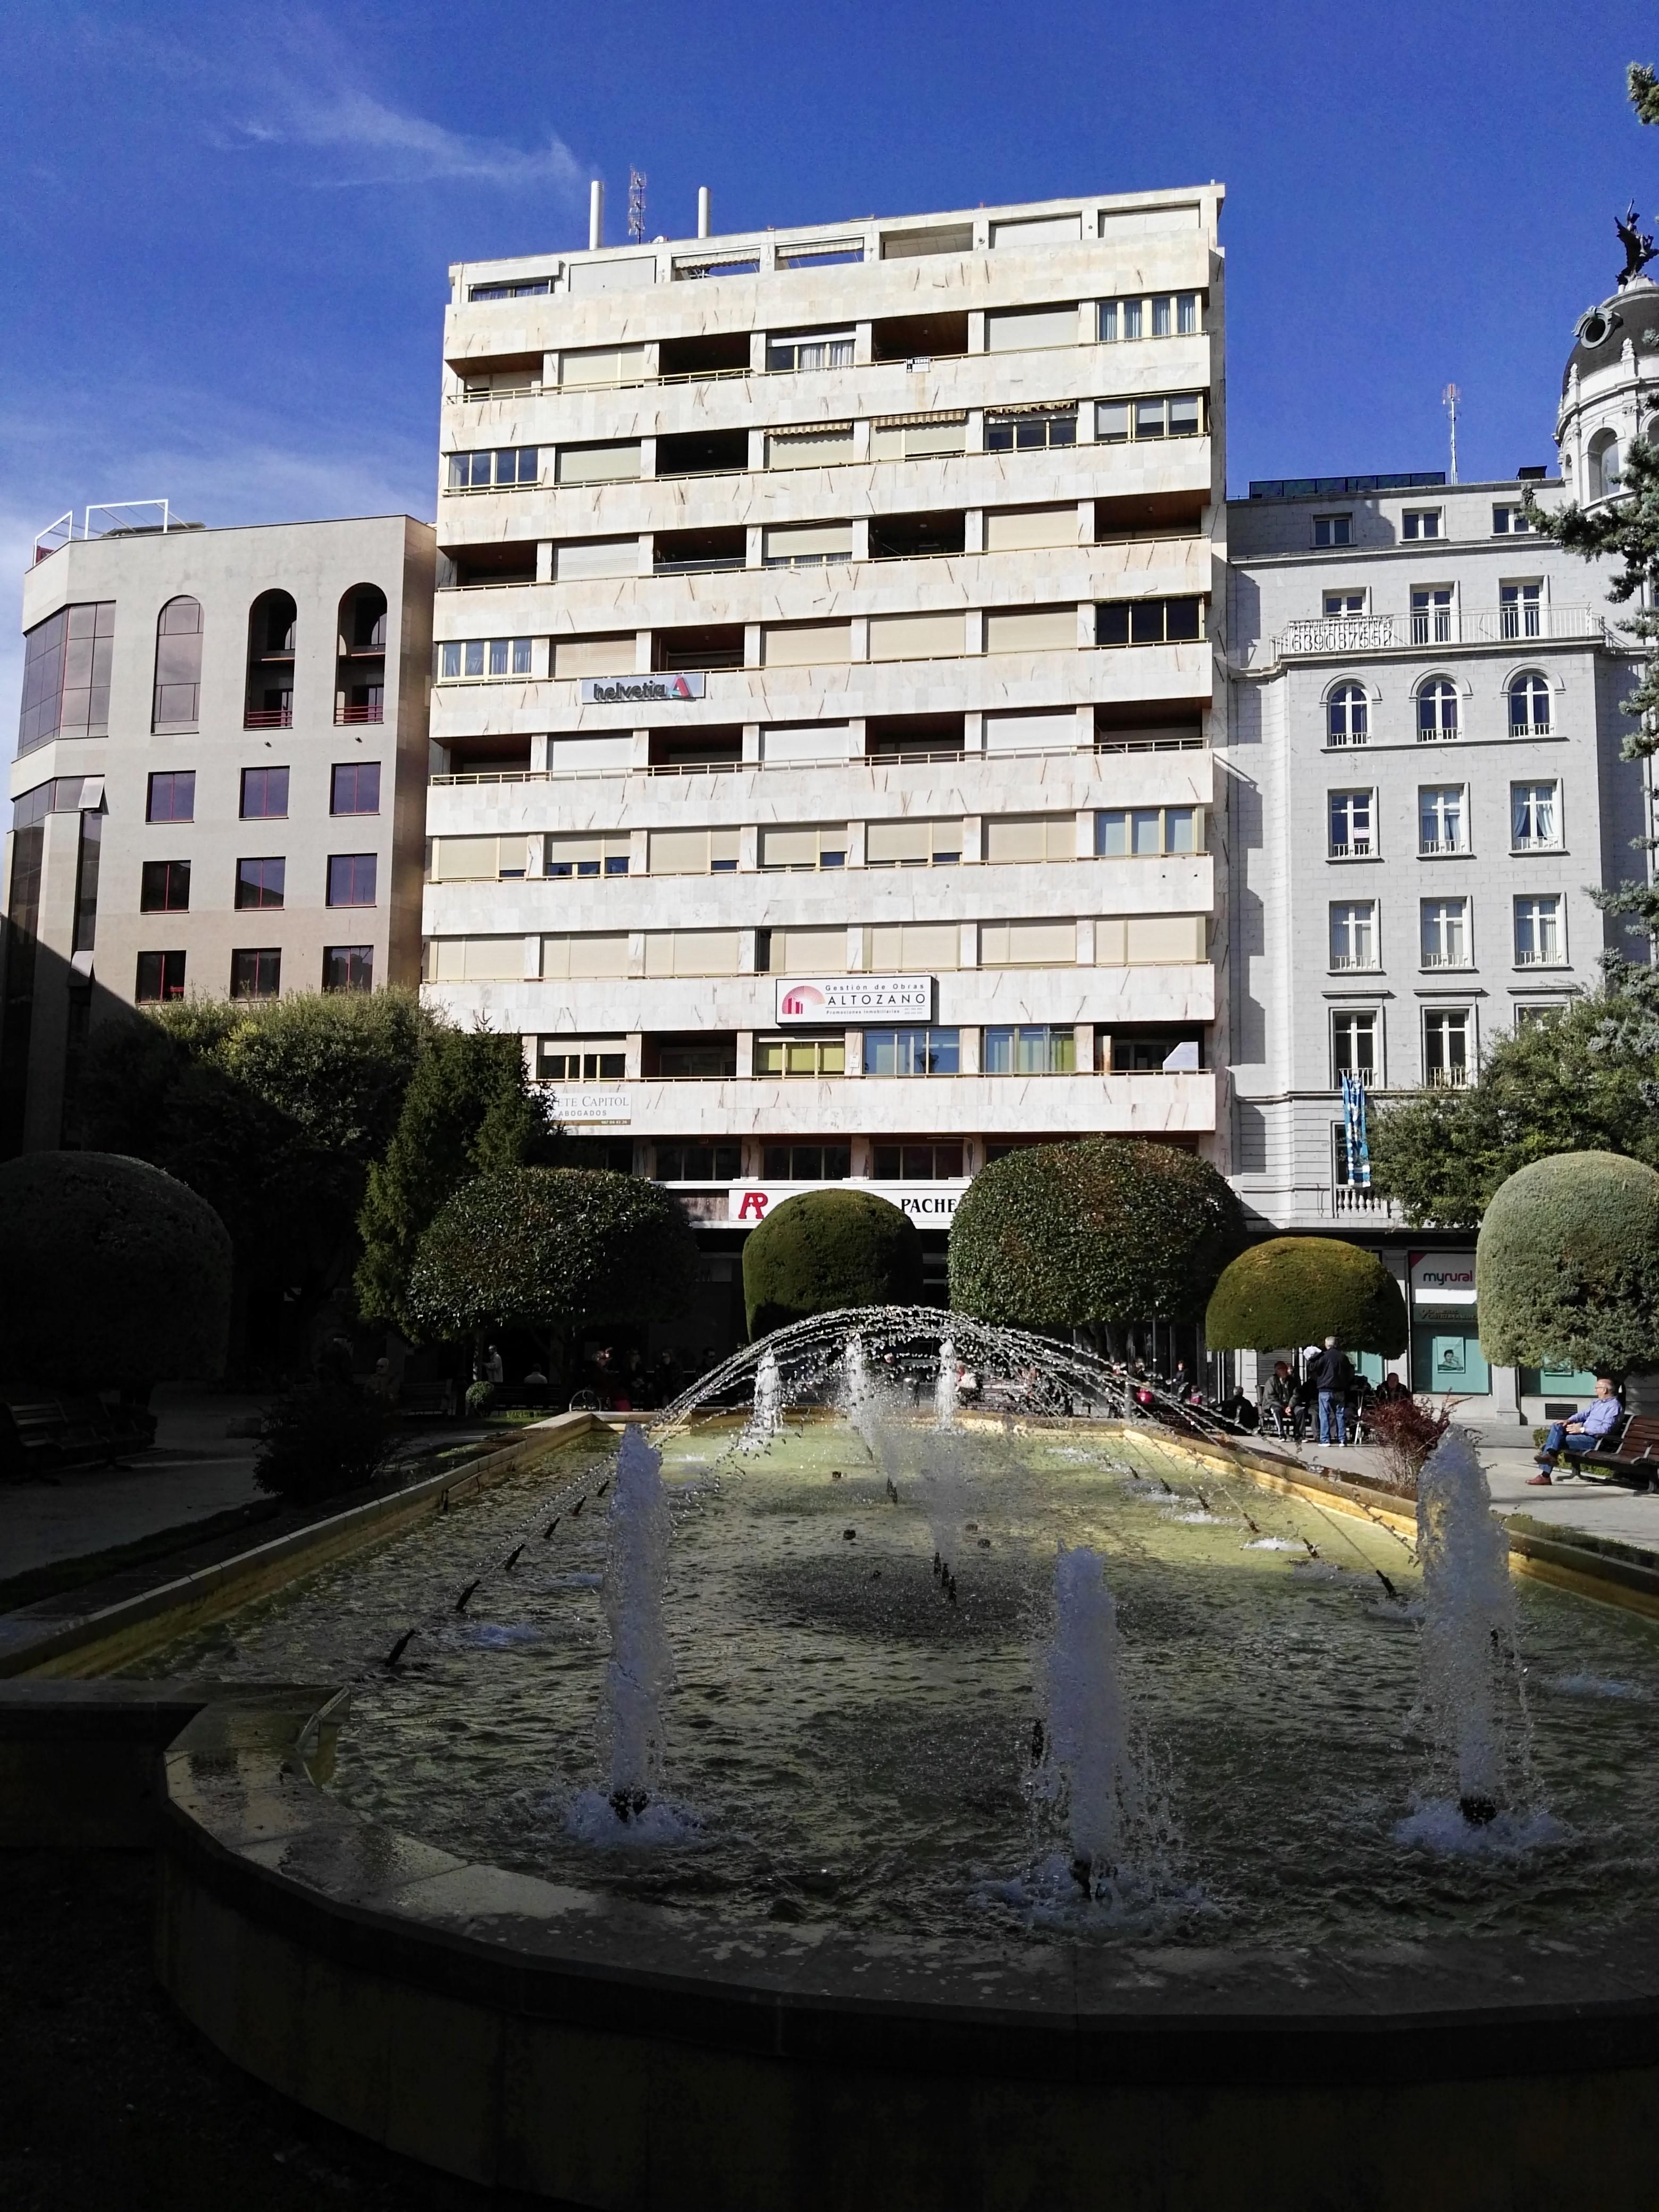 Oficina vivienda plaza del altozano casasok for Oficina correos albacete